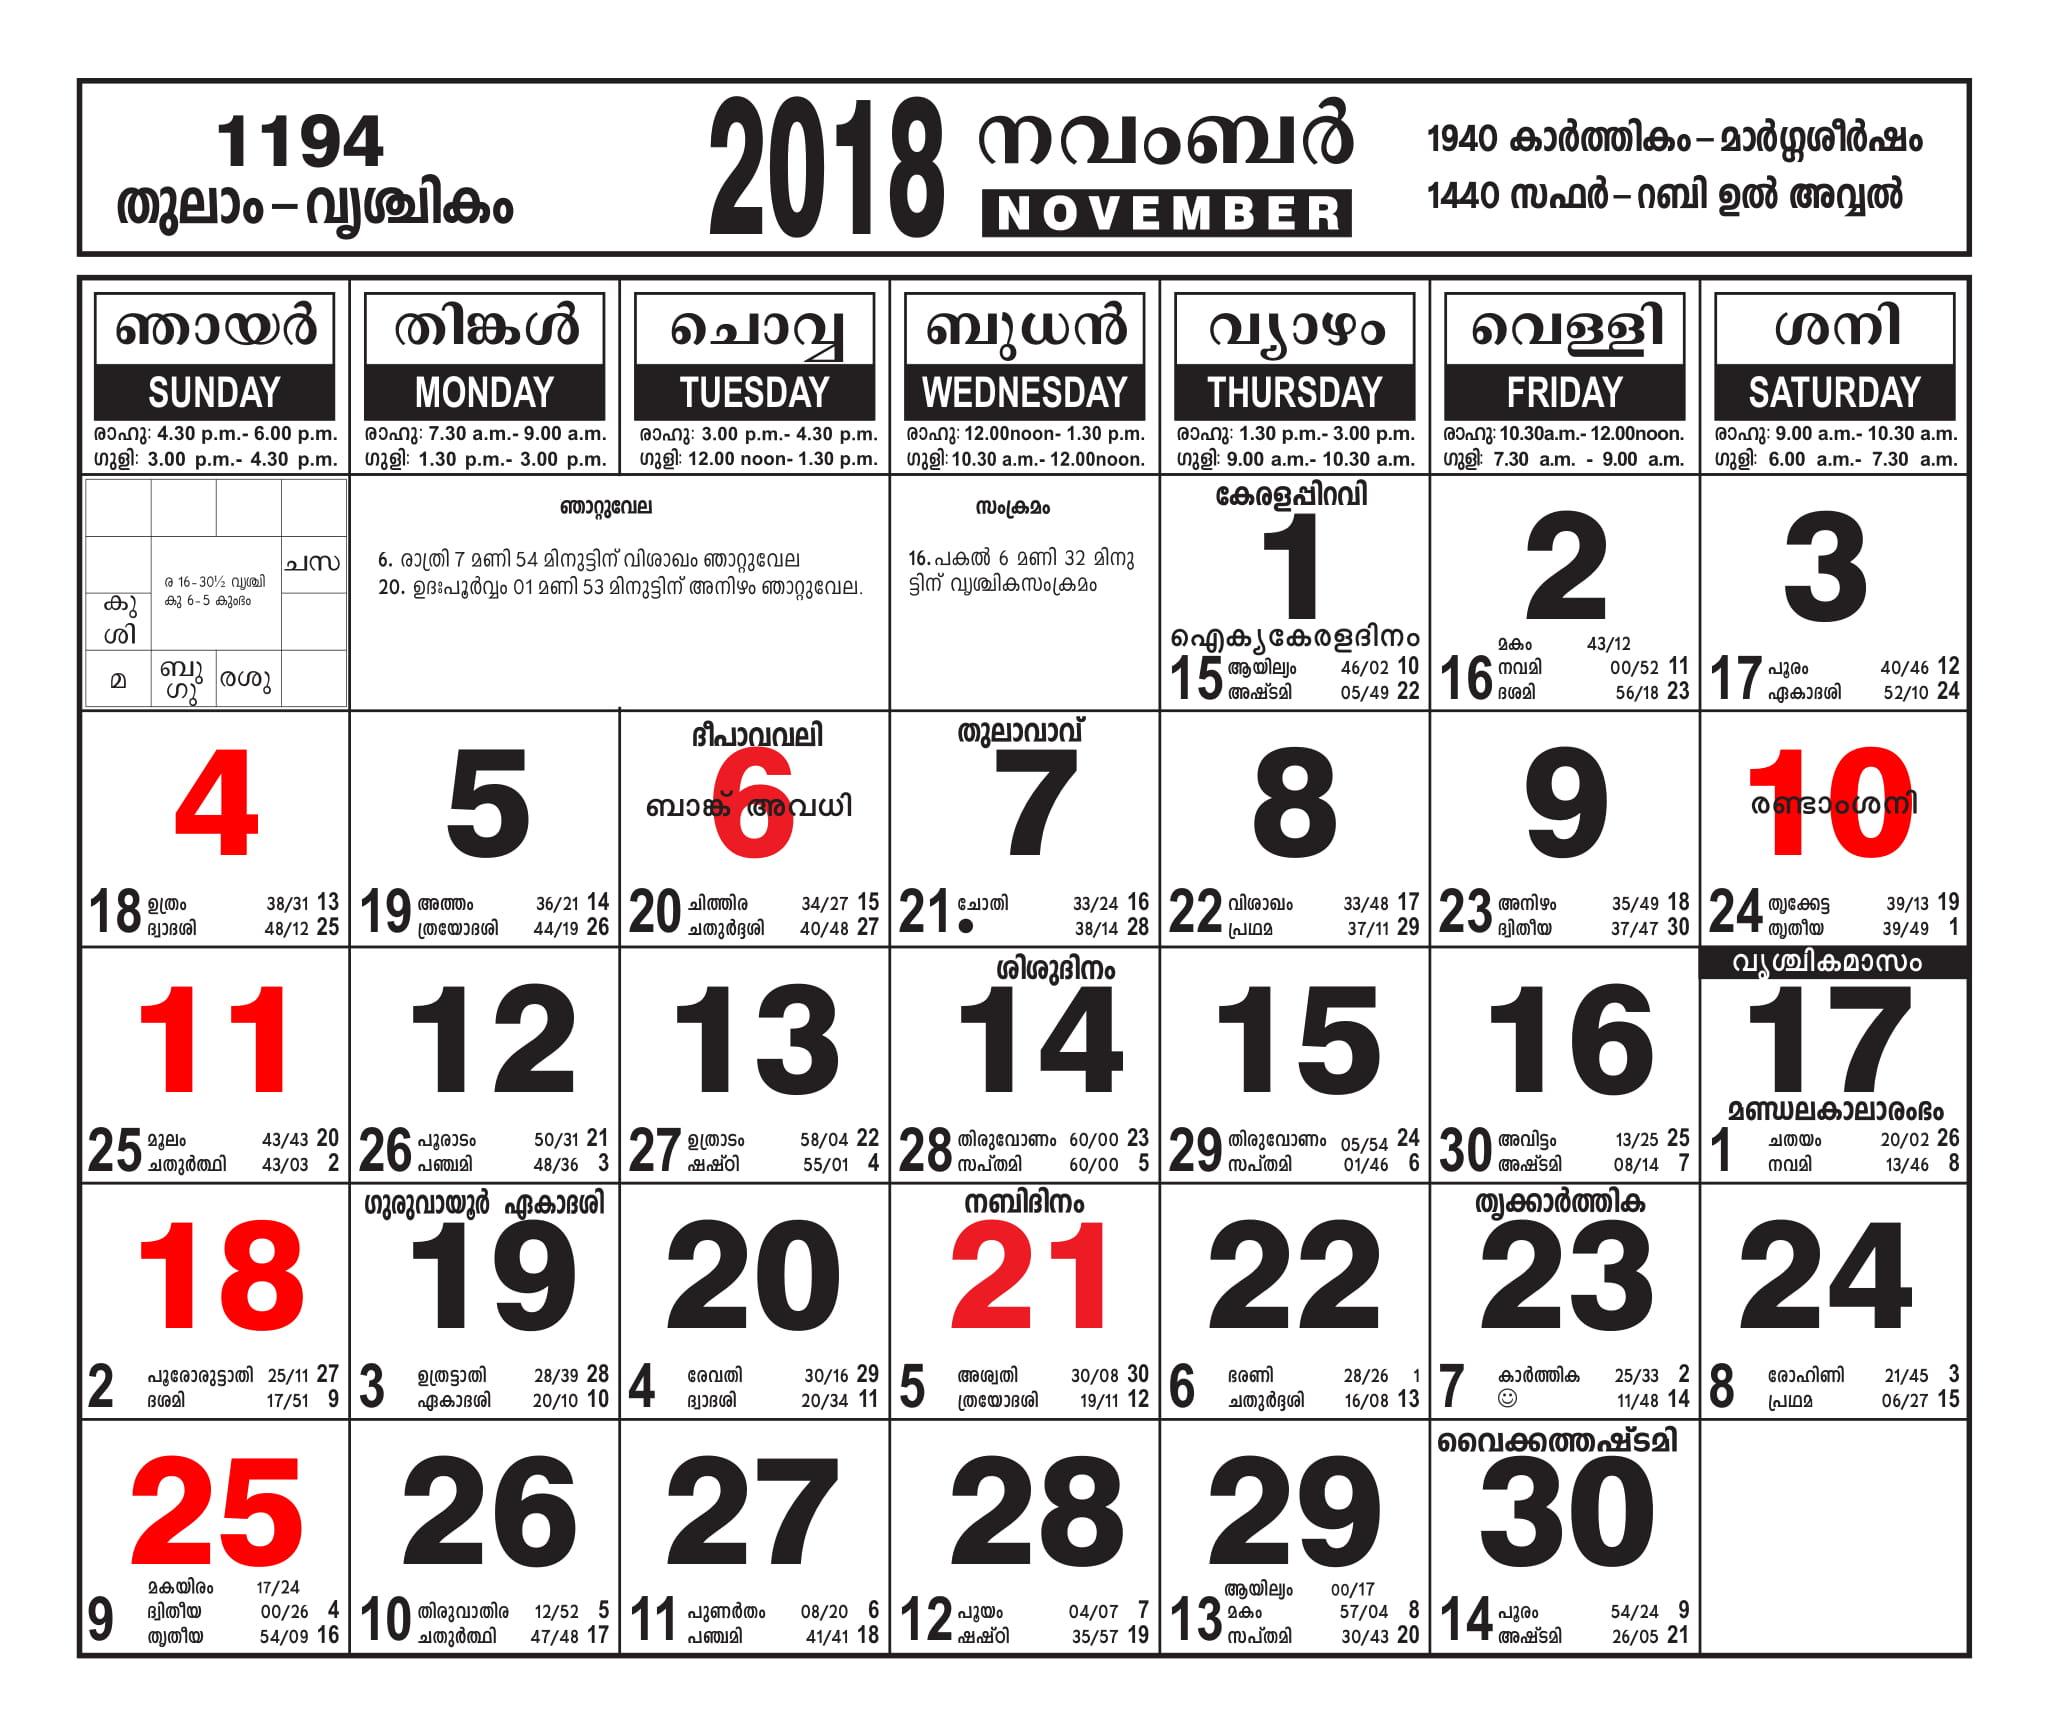 Malayalam Calendar November 2018 – Malayalamcalendars regarding Malayalam Calendar September 2018